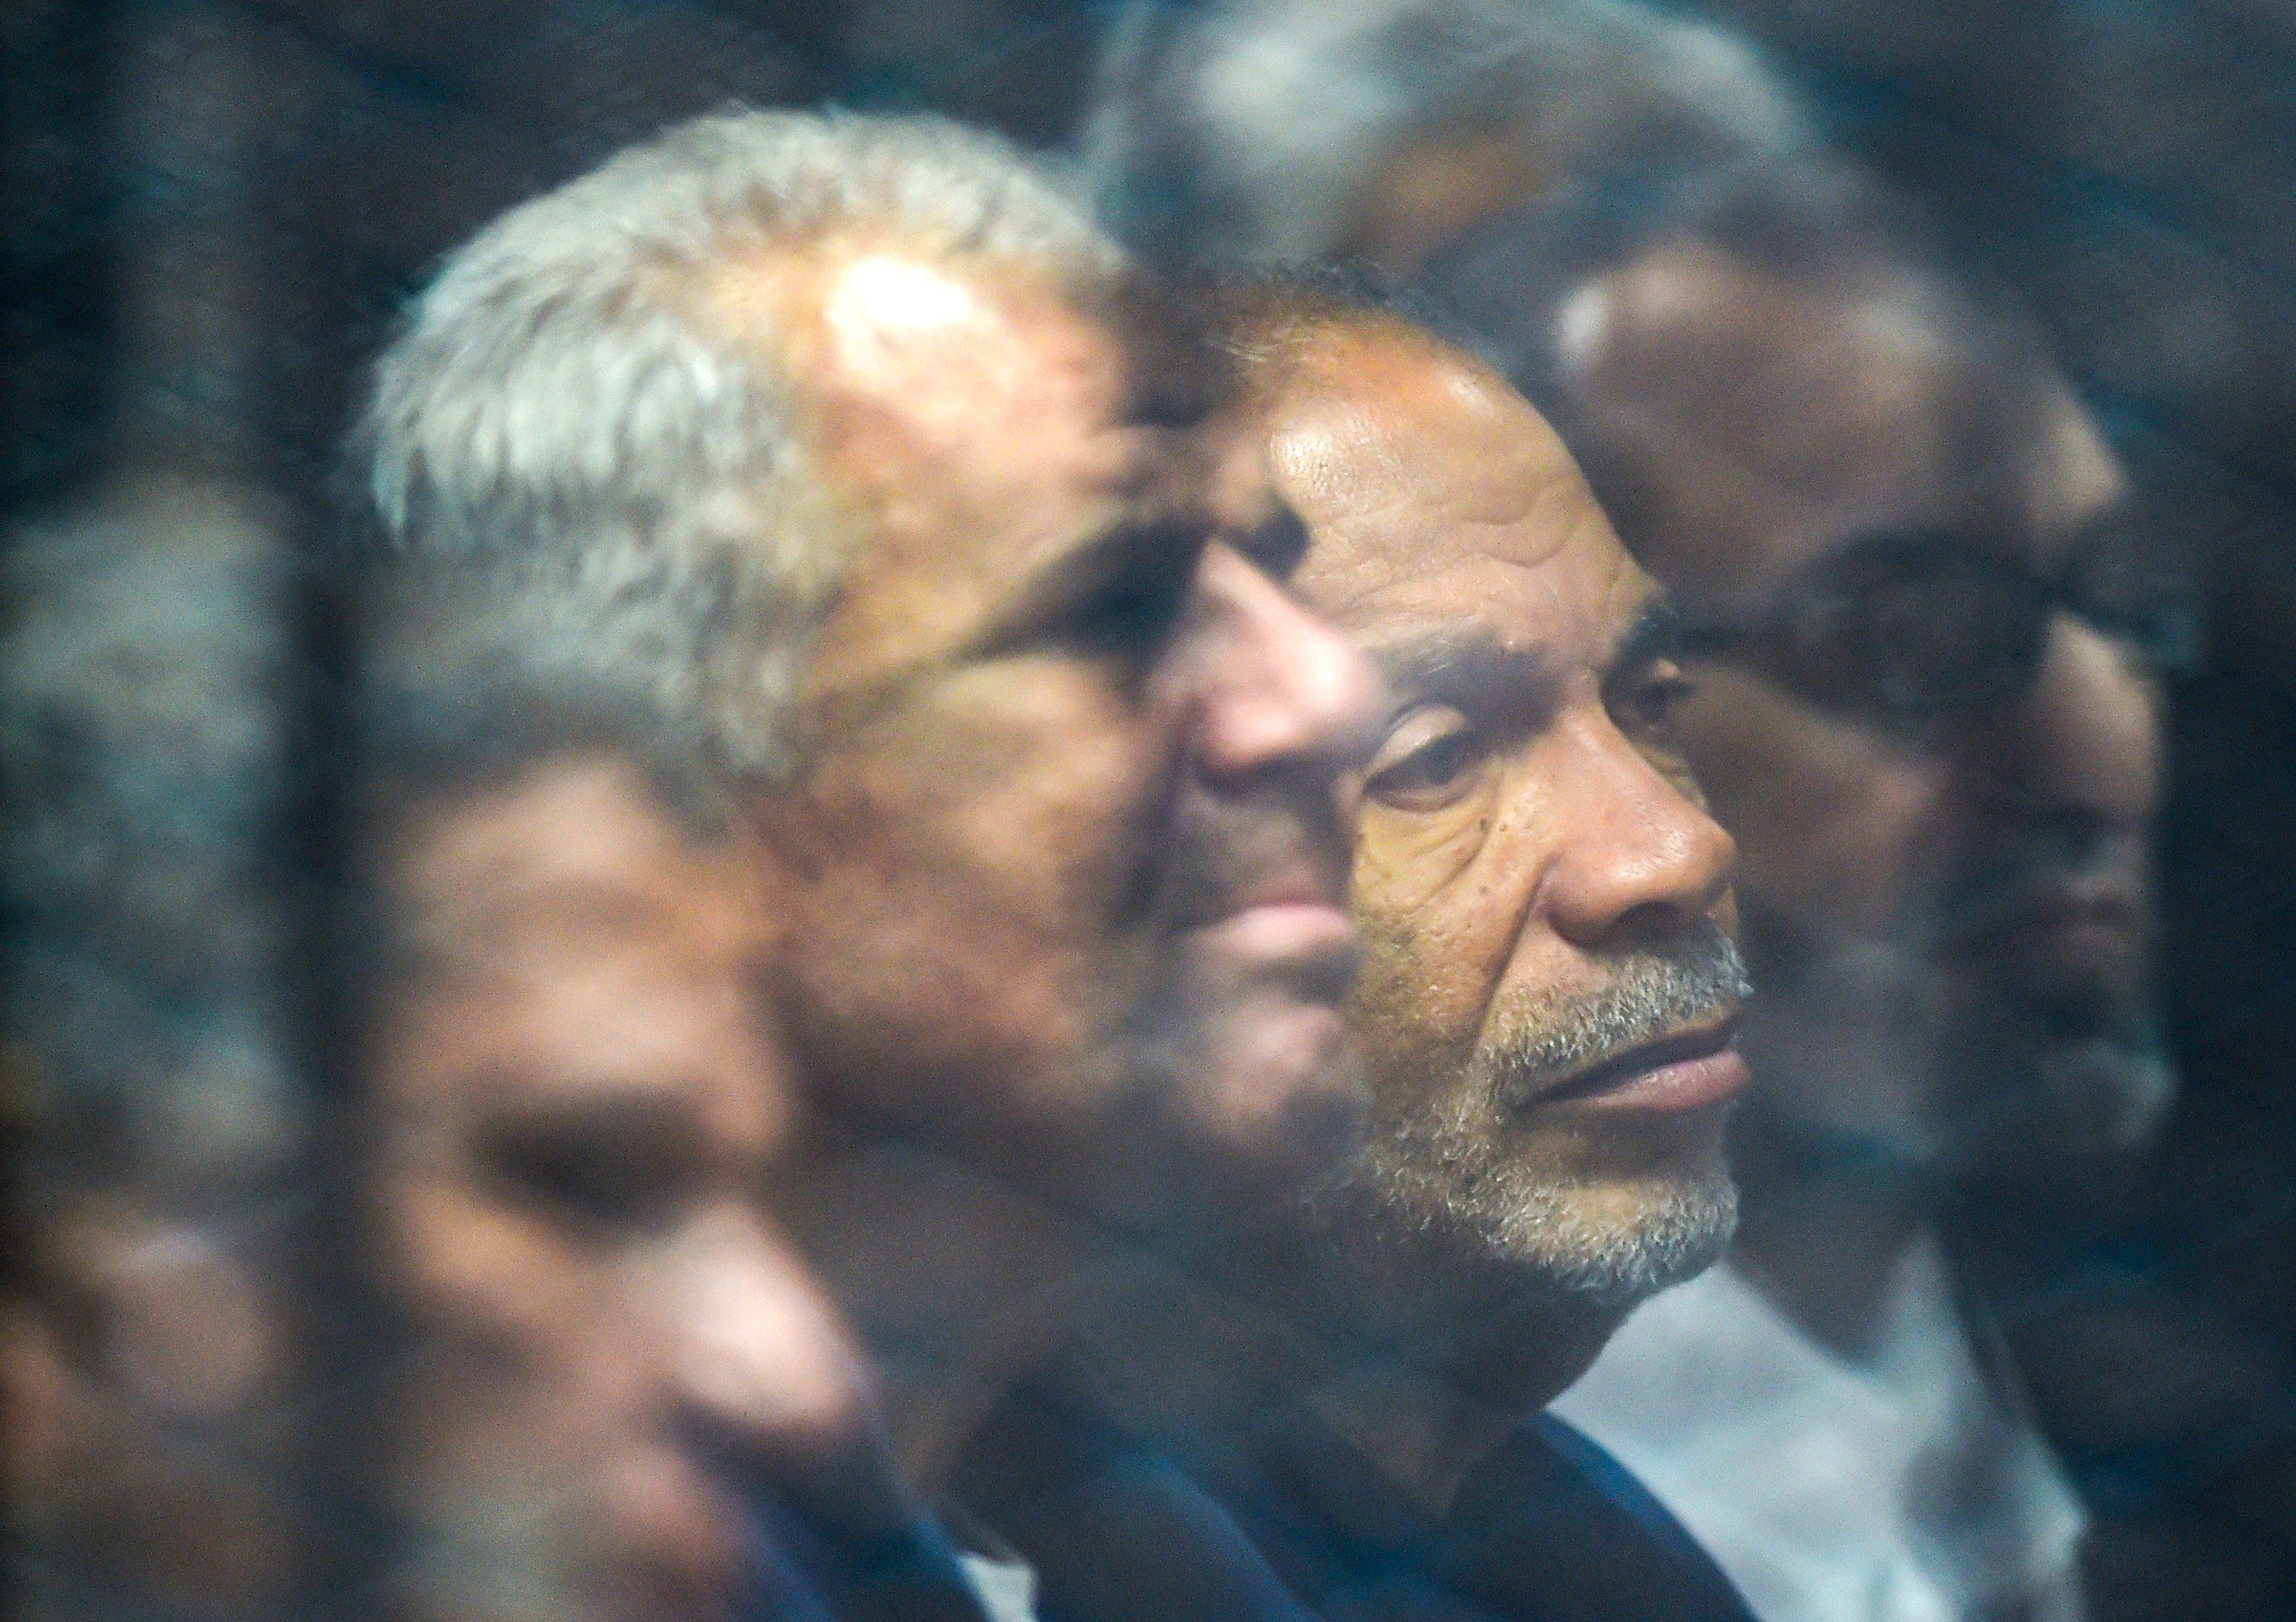 Saad al-Katatni (3e), membre haut placé des Frères musulmans et ancien président du Parlement égyptien, aux côtés de son collègue Sobhy Saleh lors de leur procès, le 2 décembre 2018 (AFP)